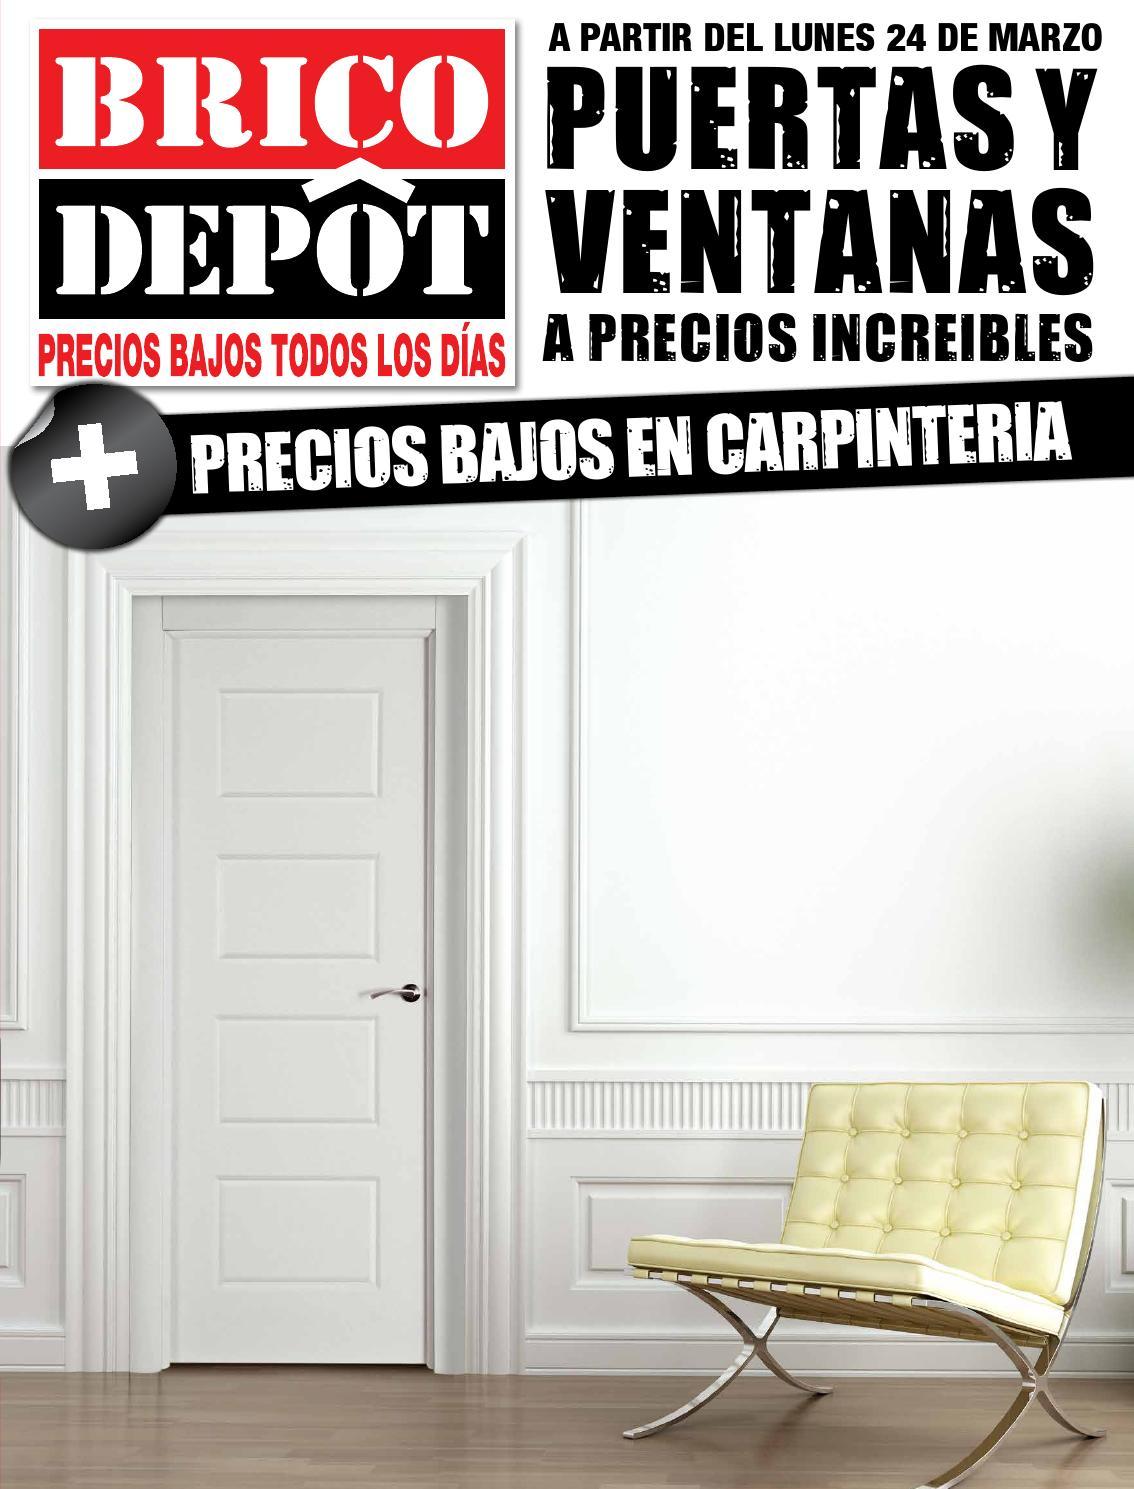 Especial puertas y ventanas toledo by losdescuentos issuu - Puertas de armarios de cocina en brico depot ...